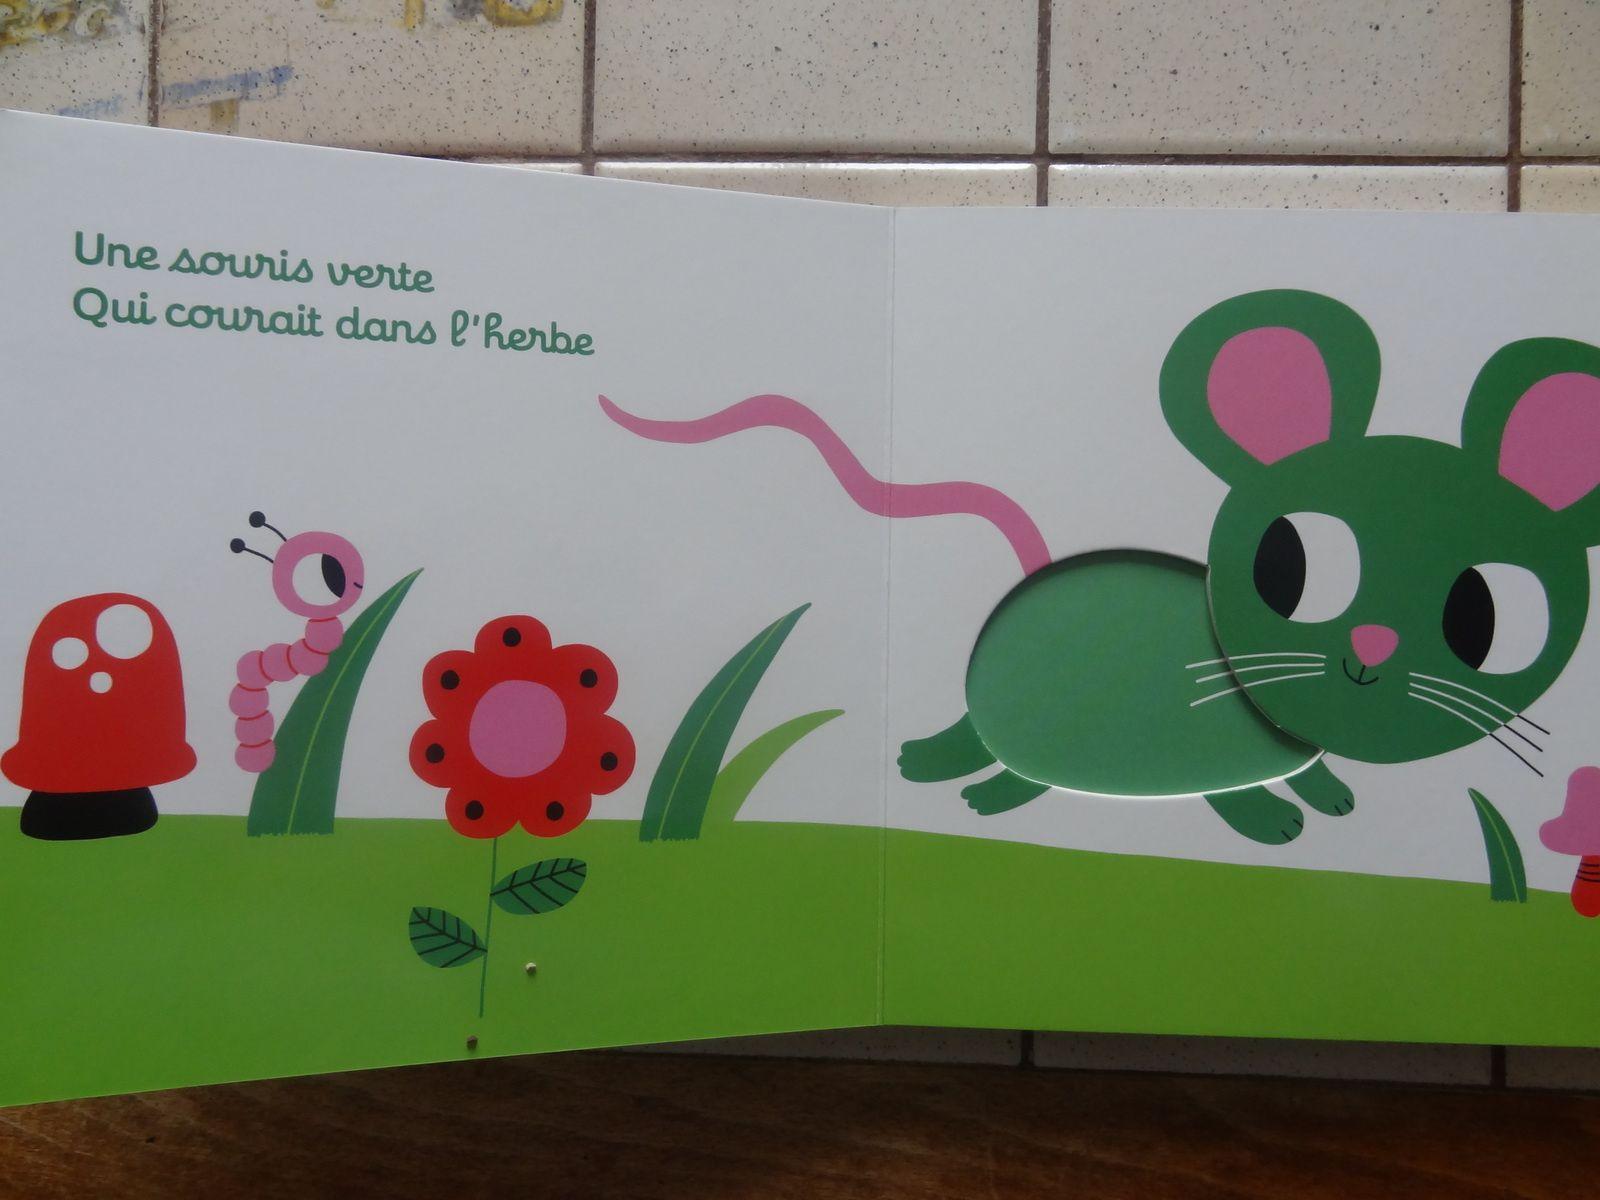 Une souris verte - ill. de Marion Billet